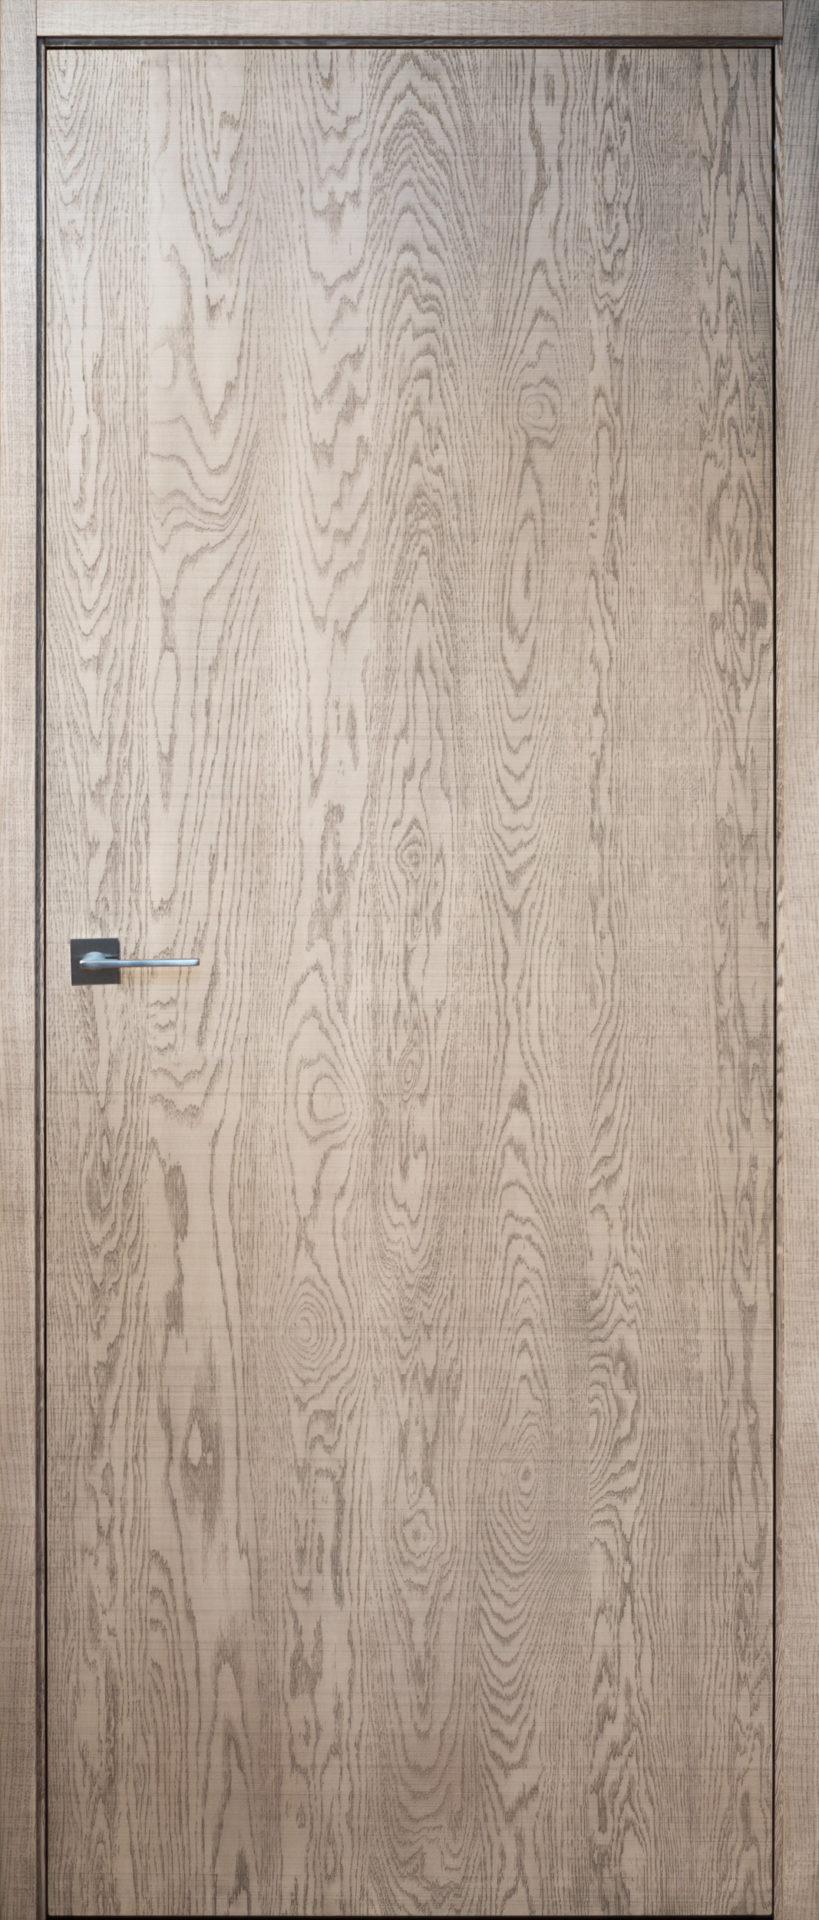 Plokstumines T-6099 SIENA medines durys Medzio stilius